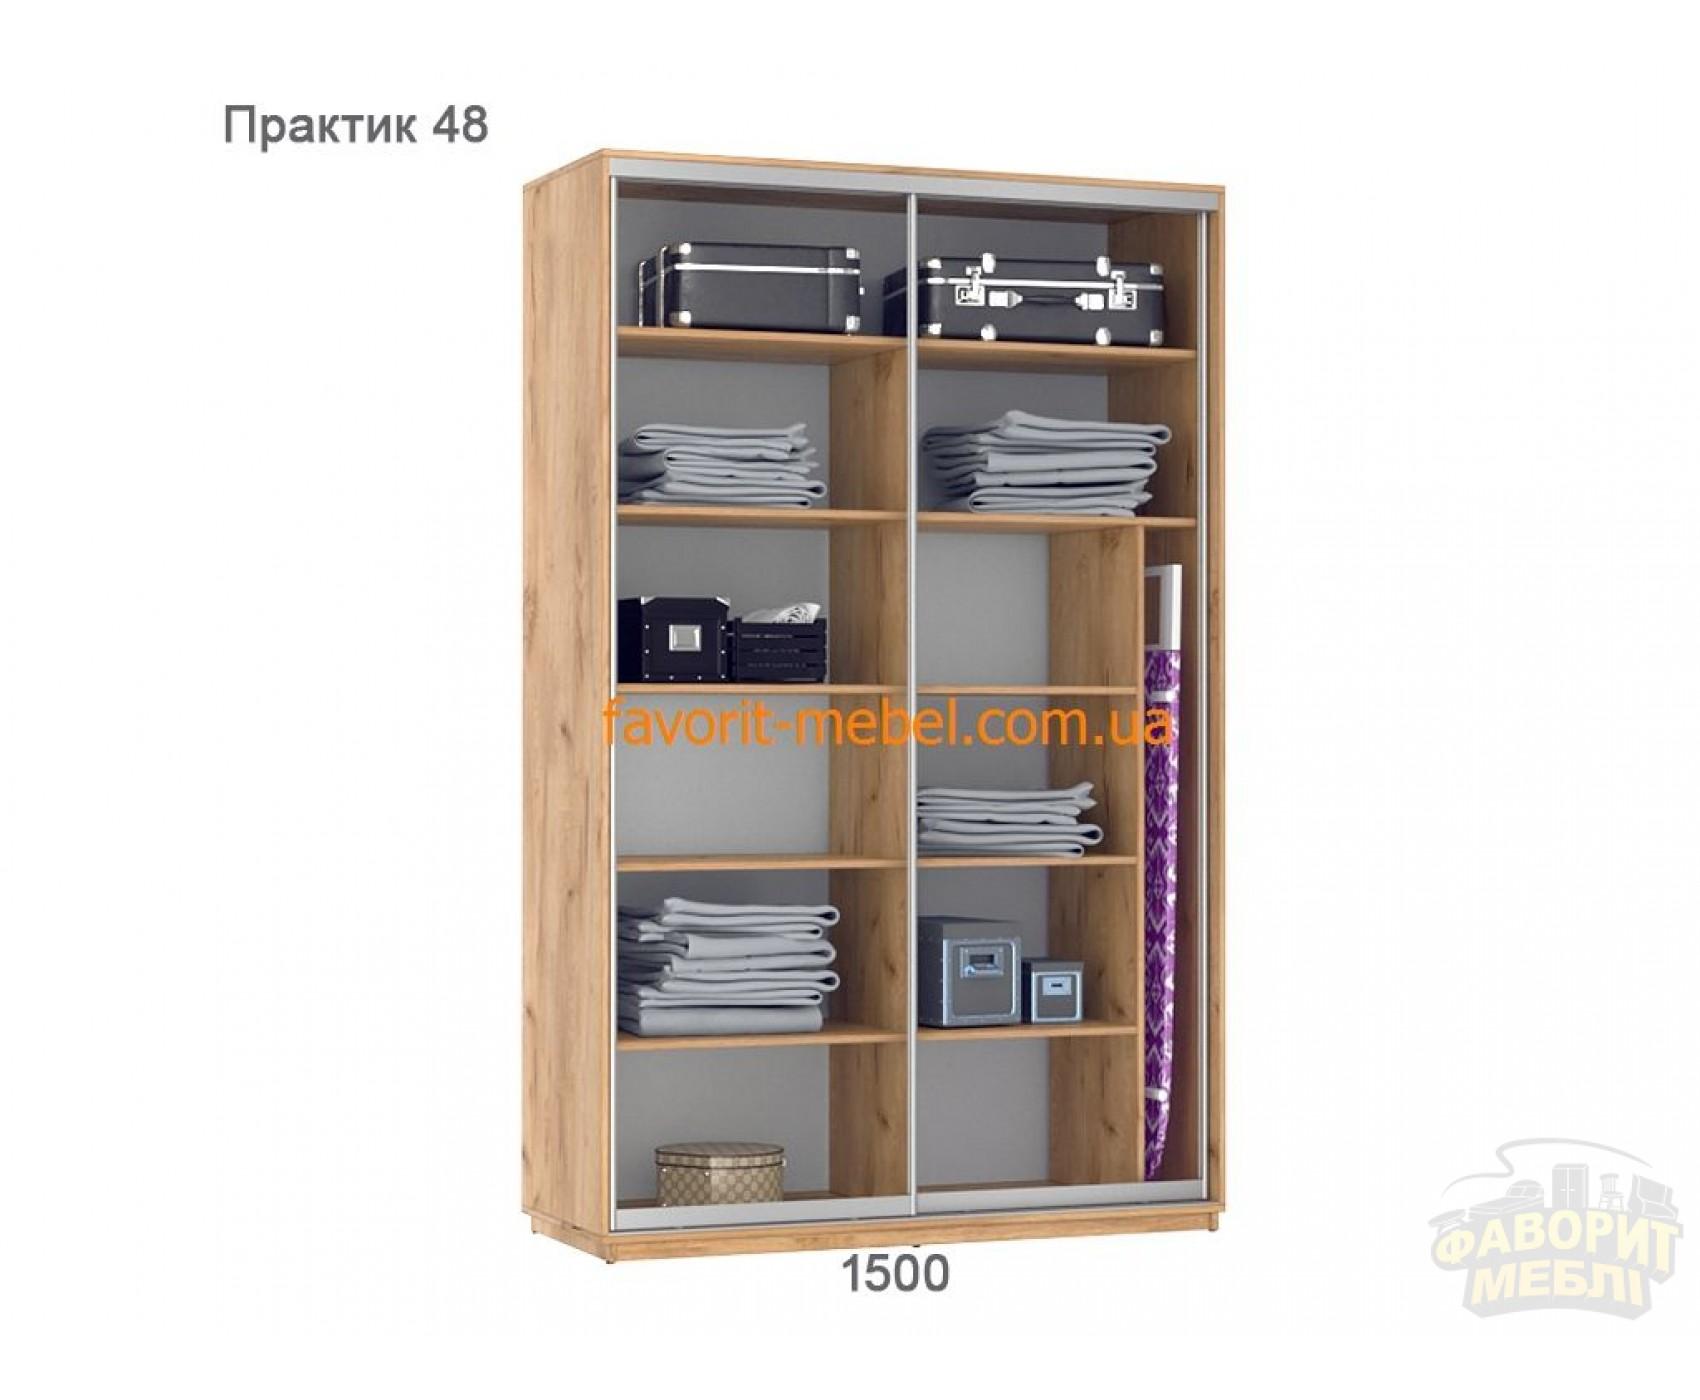 Шкаф купе Практик 48 (150х60х240 см)